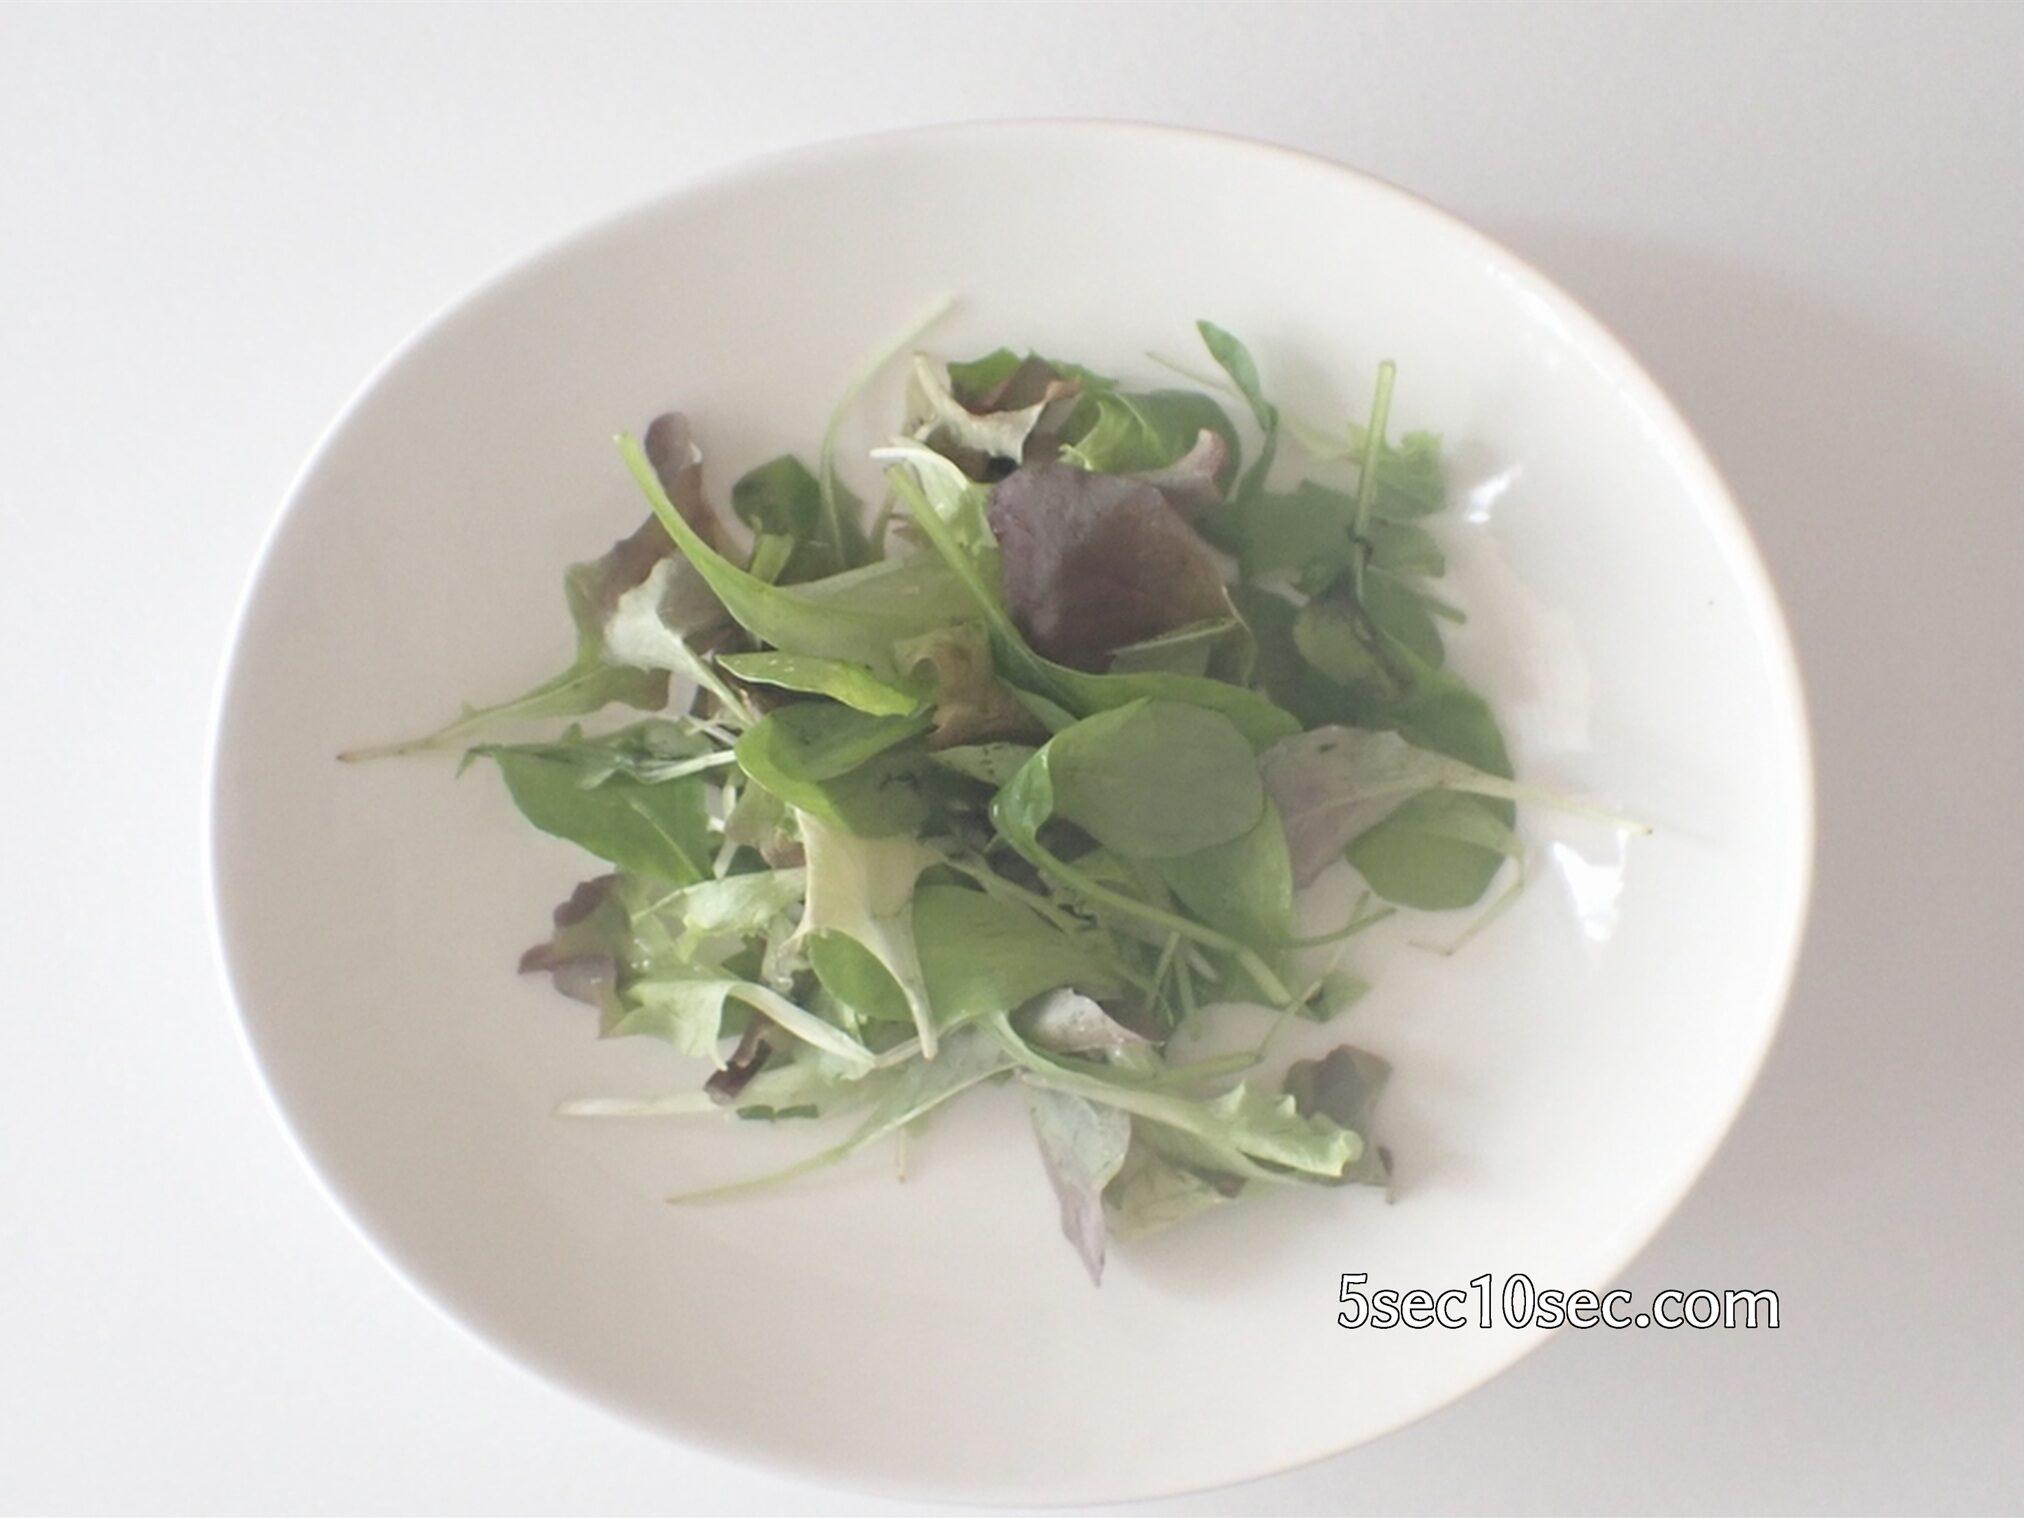 貝印 KHS スピーディーチョッパー L 品番DH2084 水切りかごを使って水切りをした野菜の写真